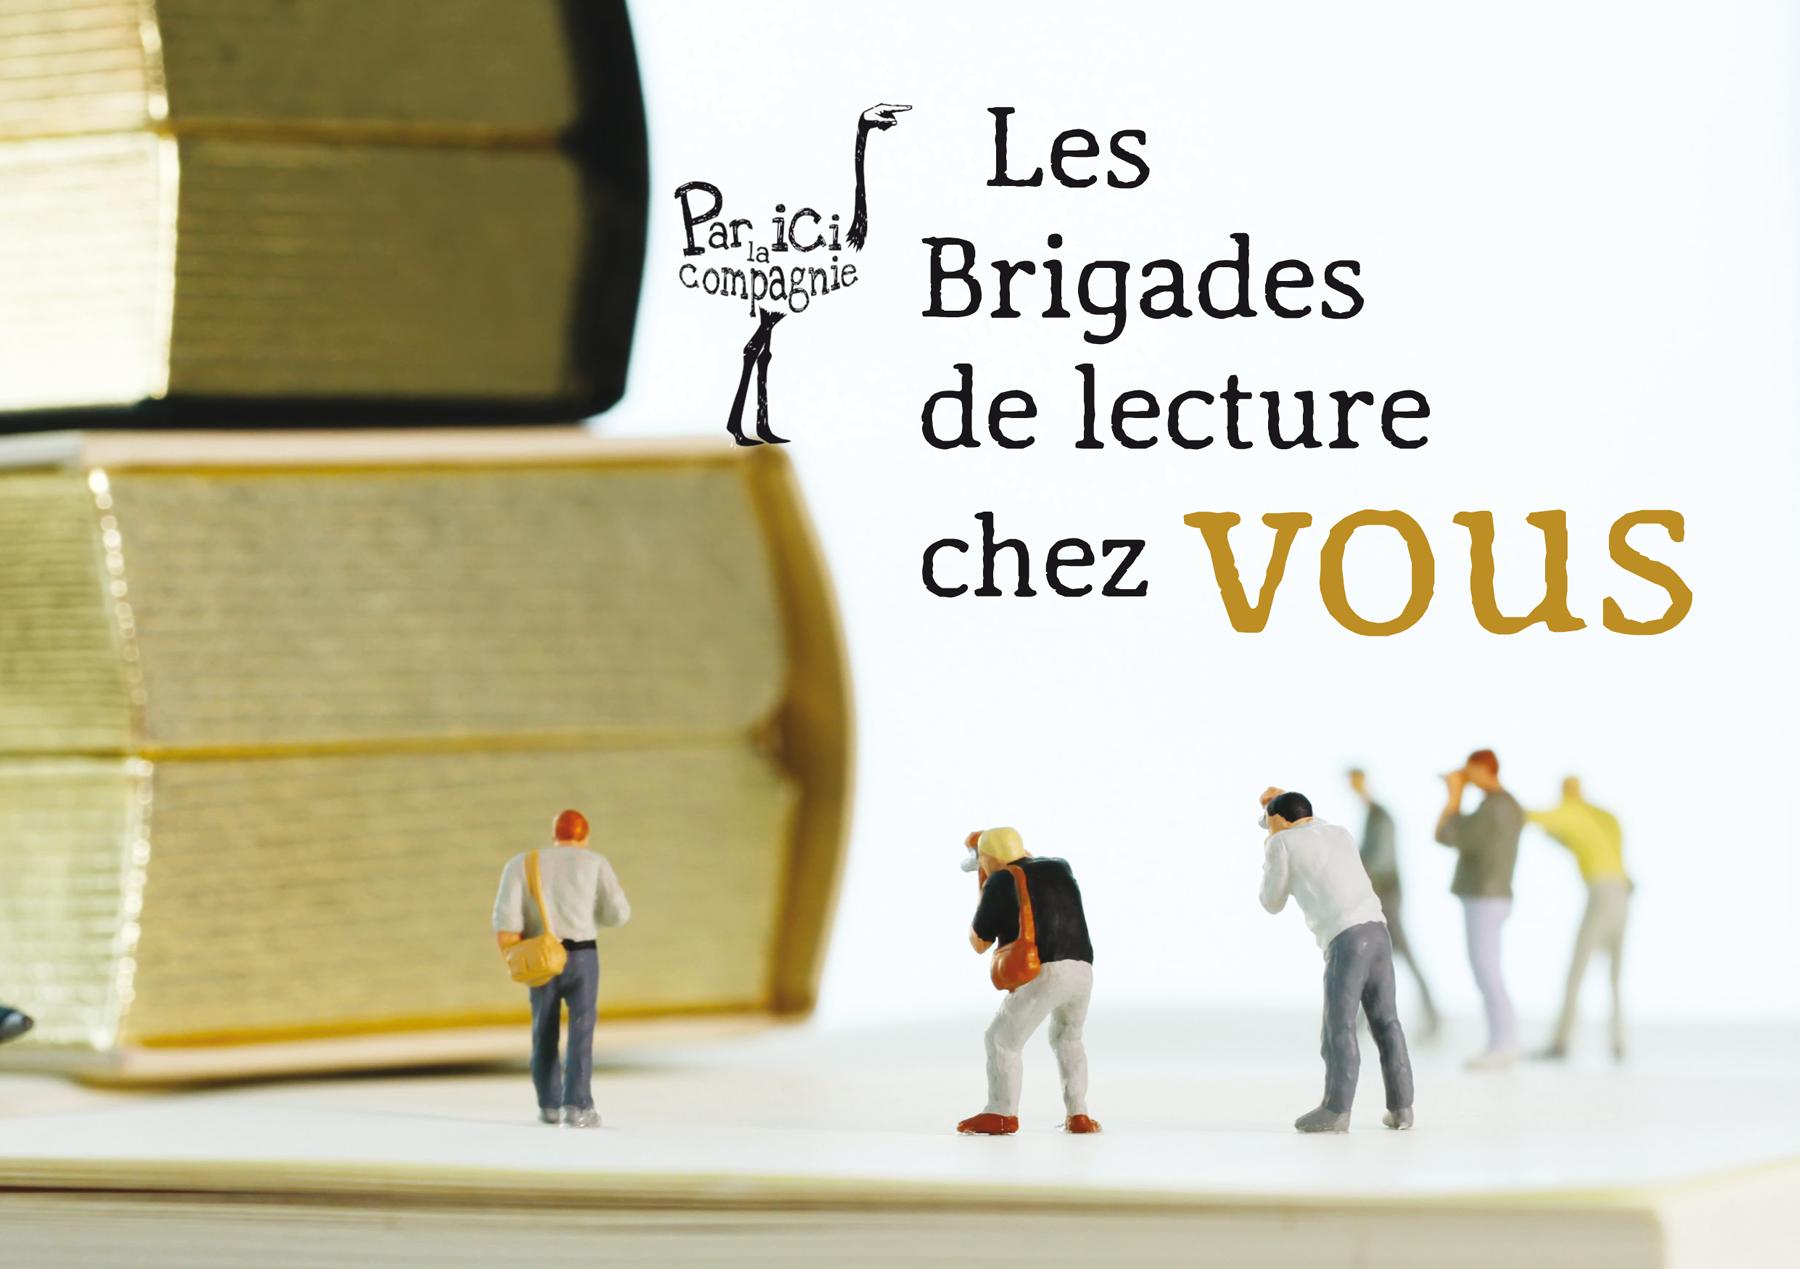 Brigades-chez-vous